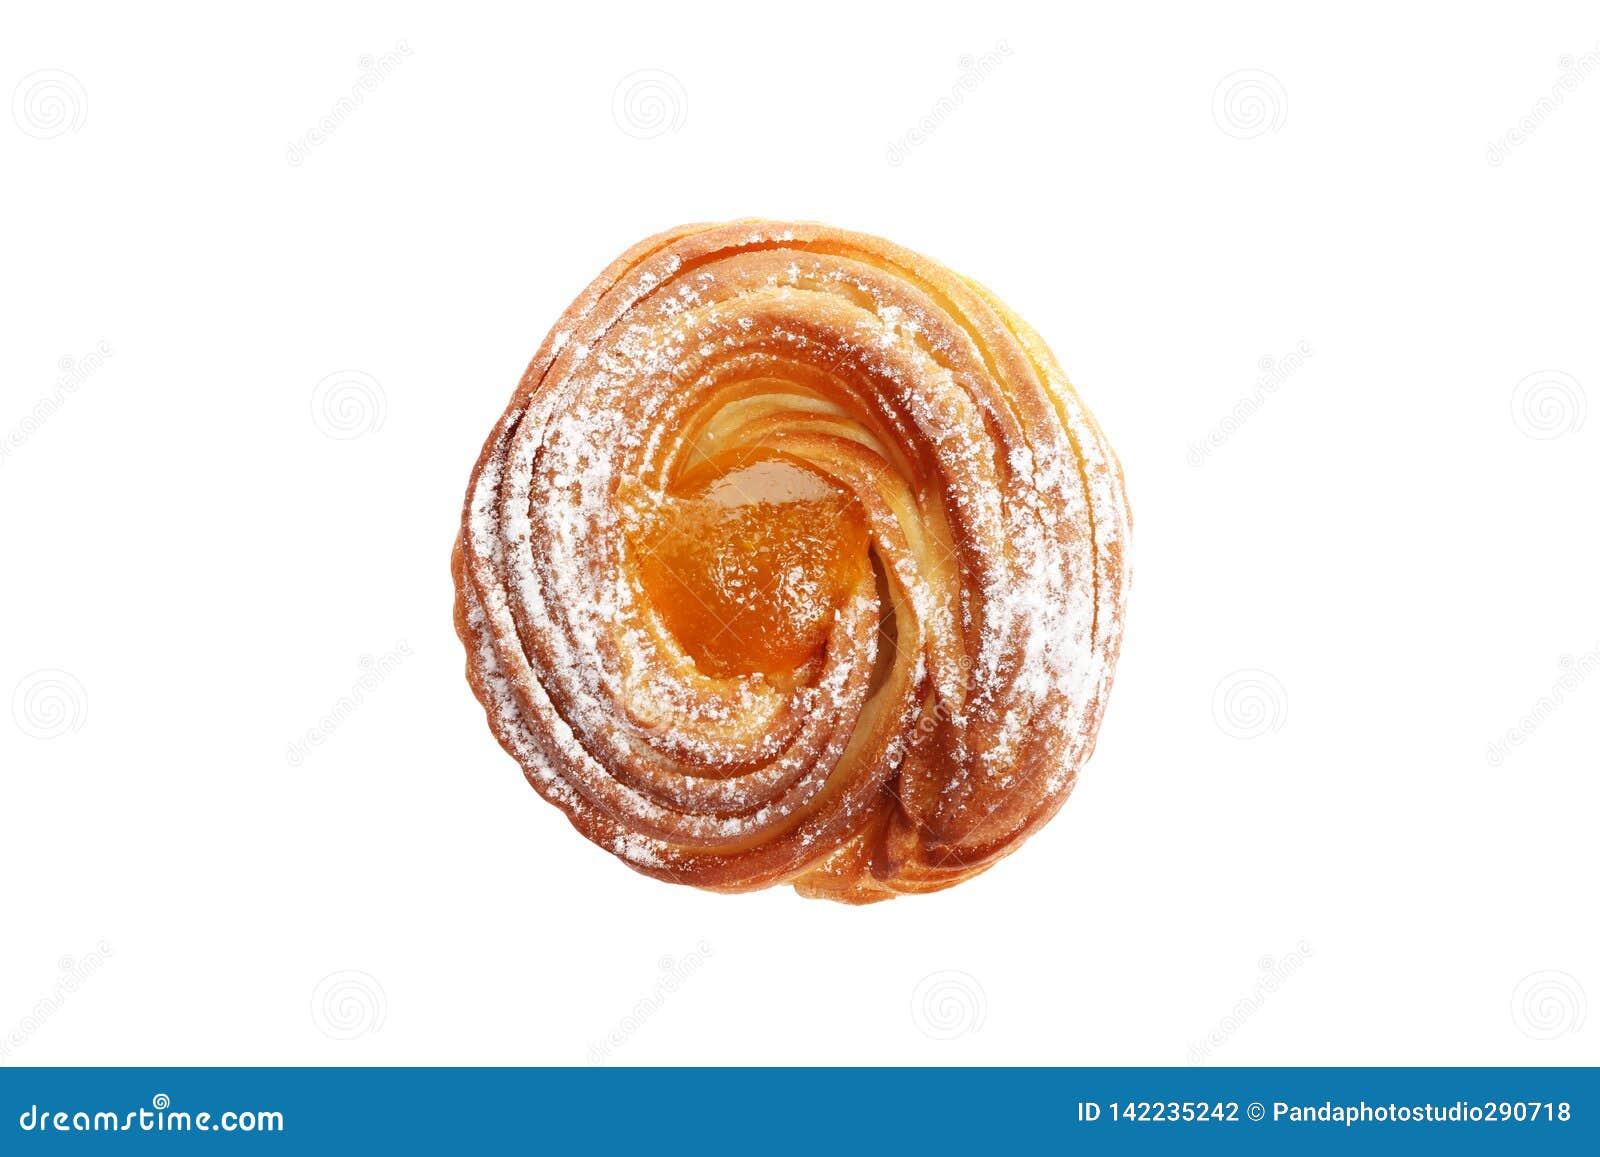 De zoete hete die muffins van de perzikjam op witte achtergrond worden geïsoleerd